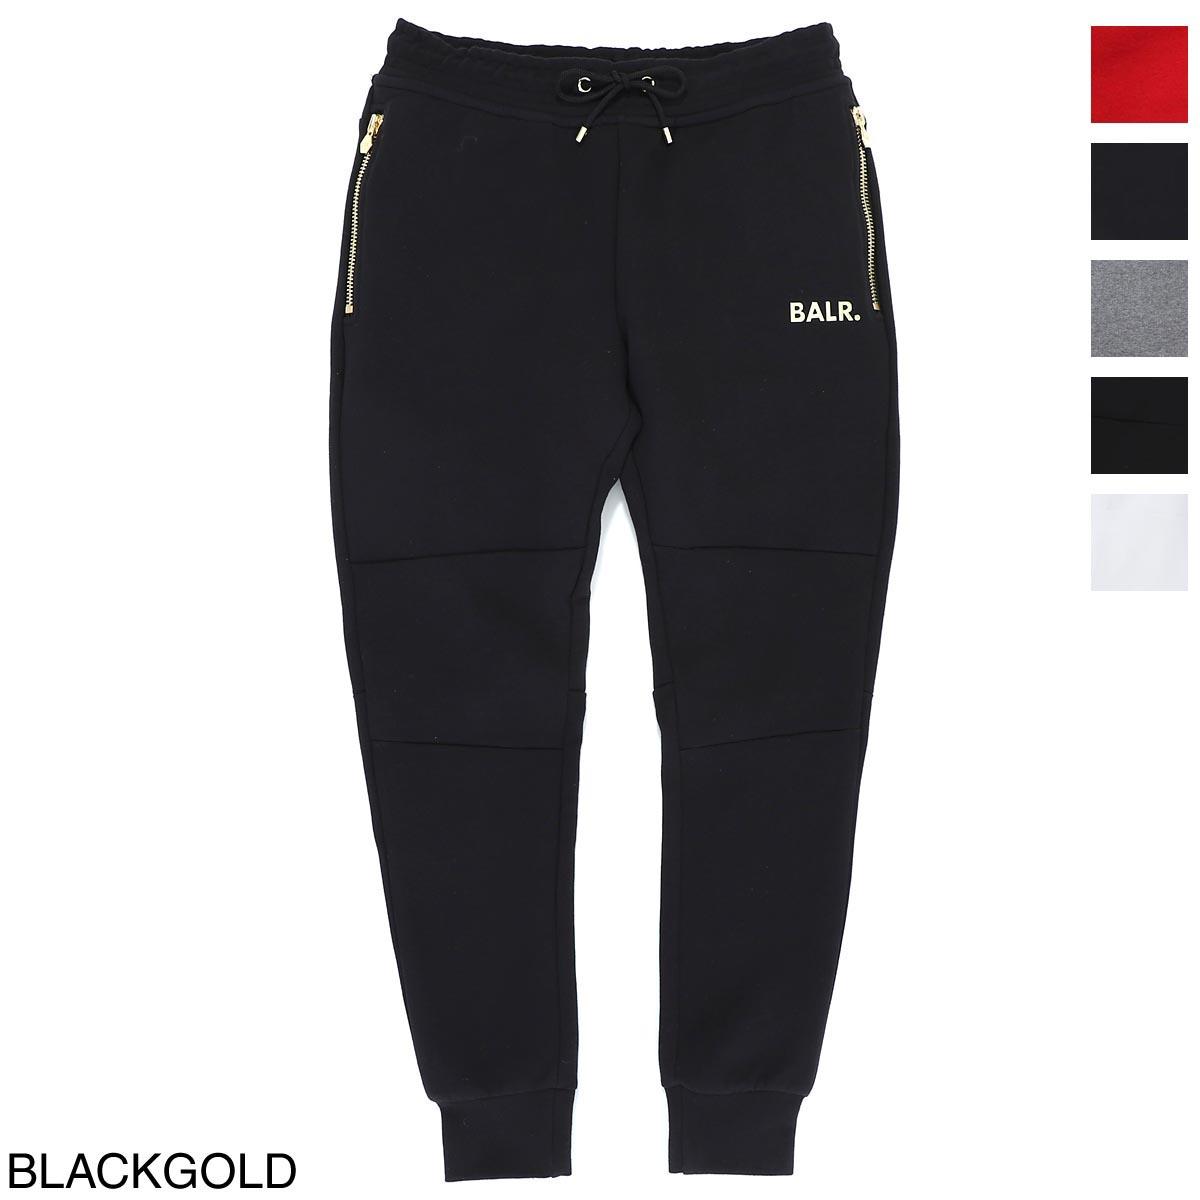 ボーラ― BALR. スウェットパンツ イージーパンツ メンズ q series sweatpants red (BALR.)RED【あす楽対応_関東】【返品送料無料】【ラッピング無料】